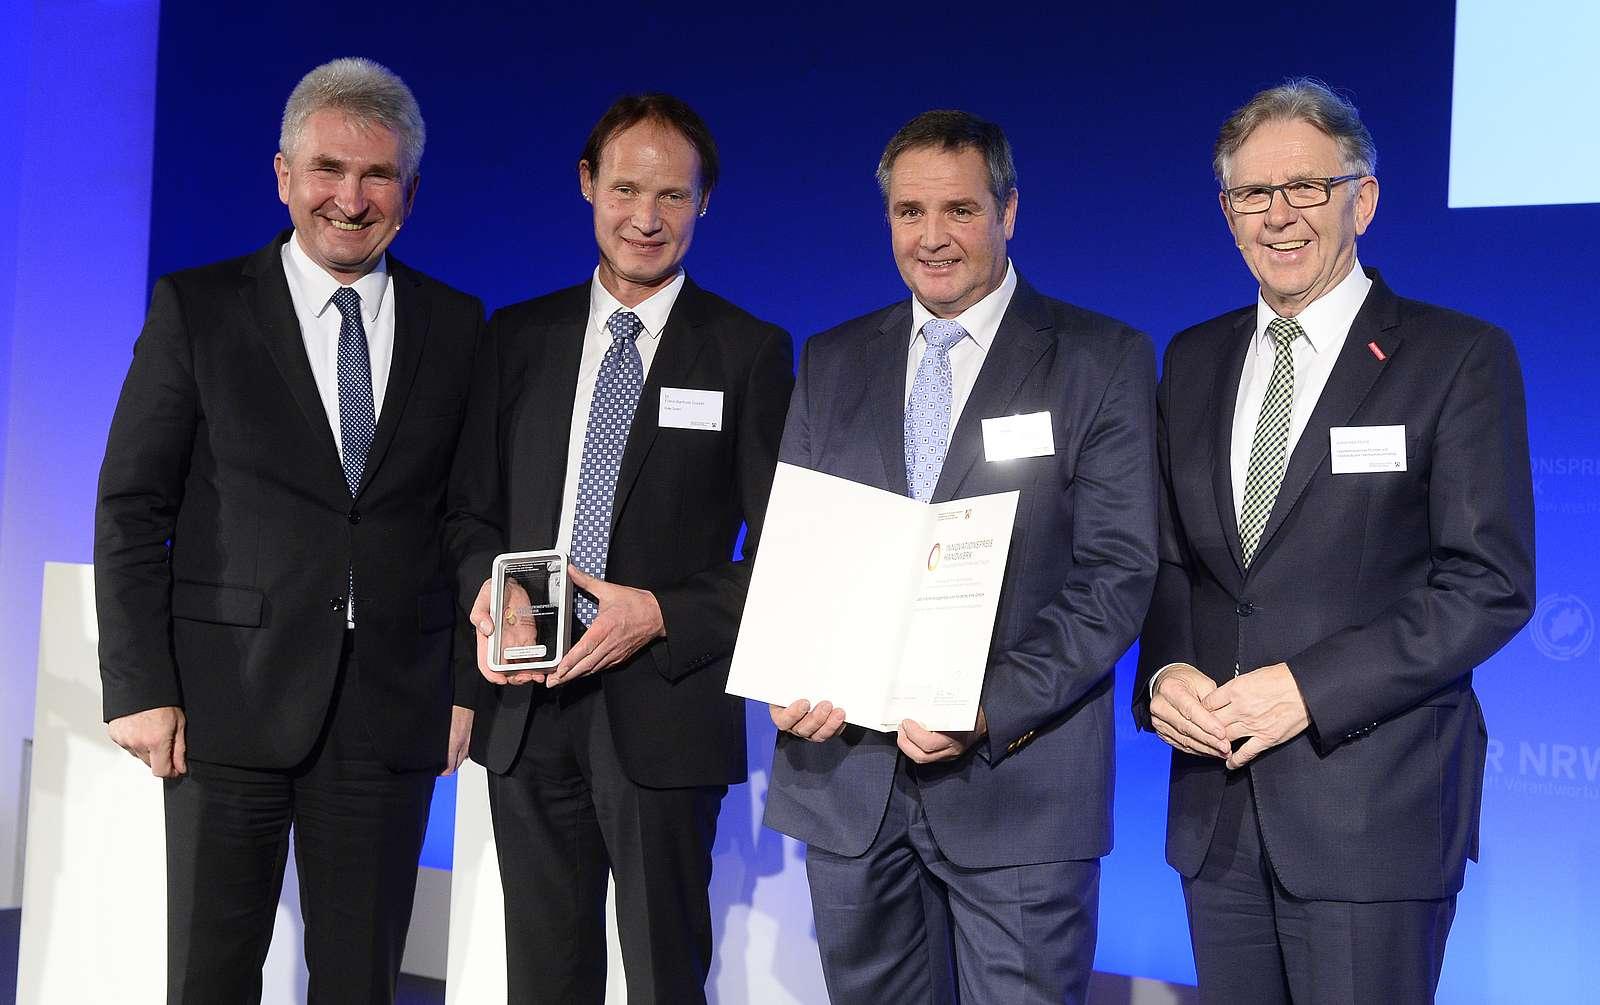 Innovationspreis 2019 Wirtschaftsminister Pinkwart mit Dr. Franz-Barthold Gockel, Ulrich Rotte